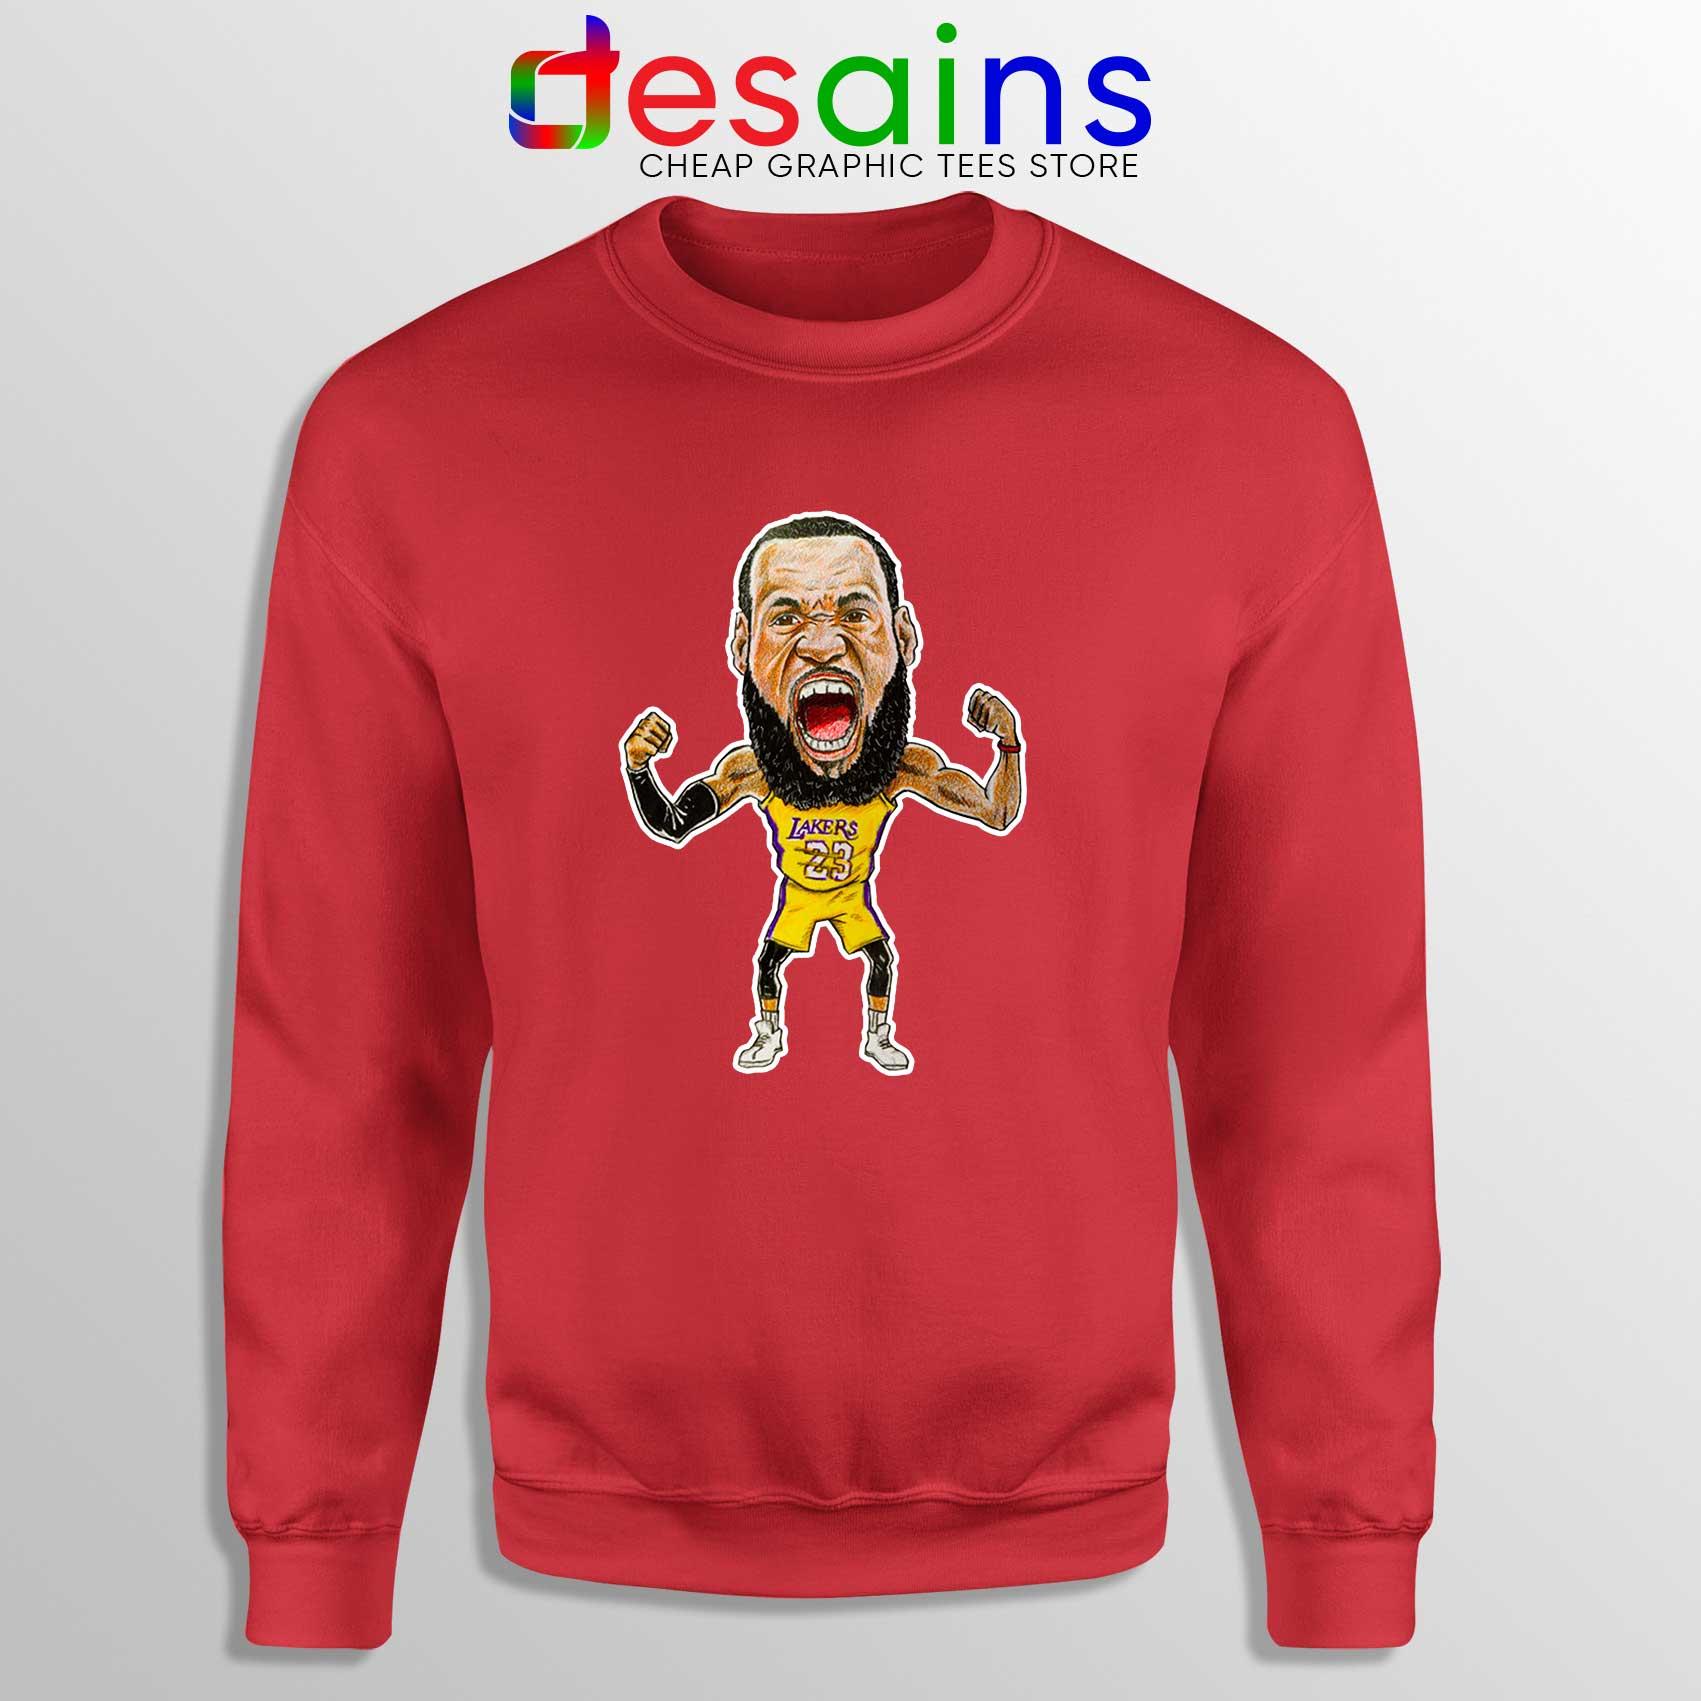 timeless design c2f9d 2ce9a Best Lakers James Sweatshirt LeBron James Crewneck Size S-3XL